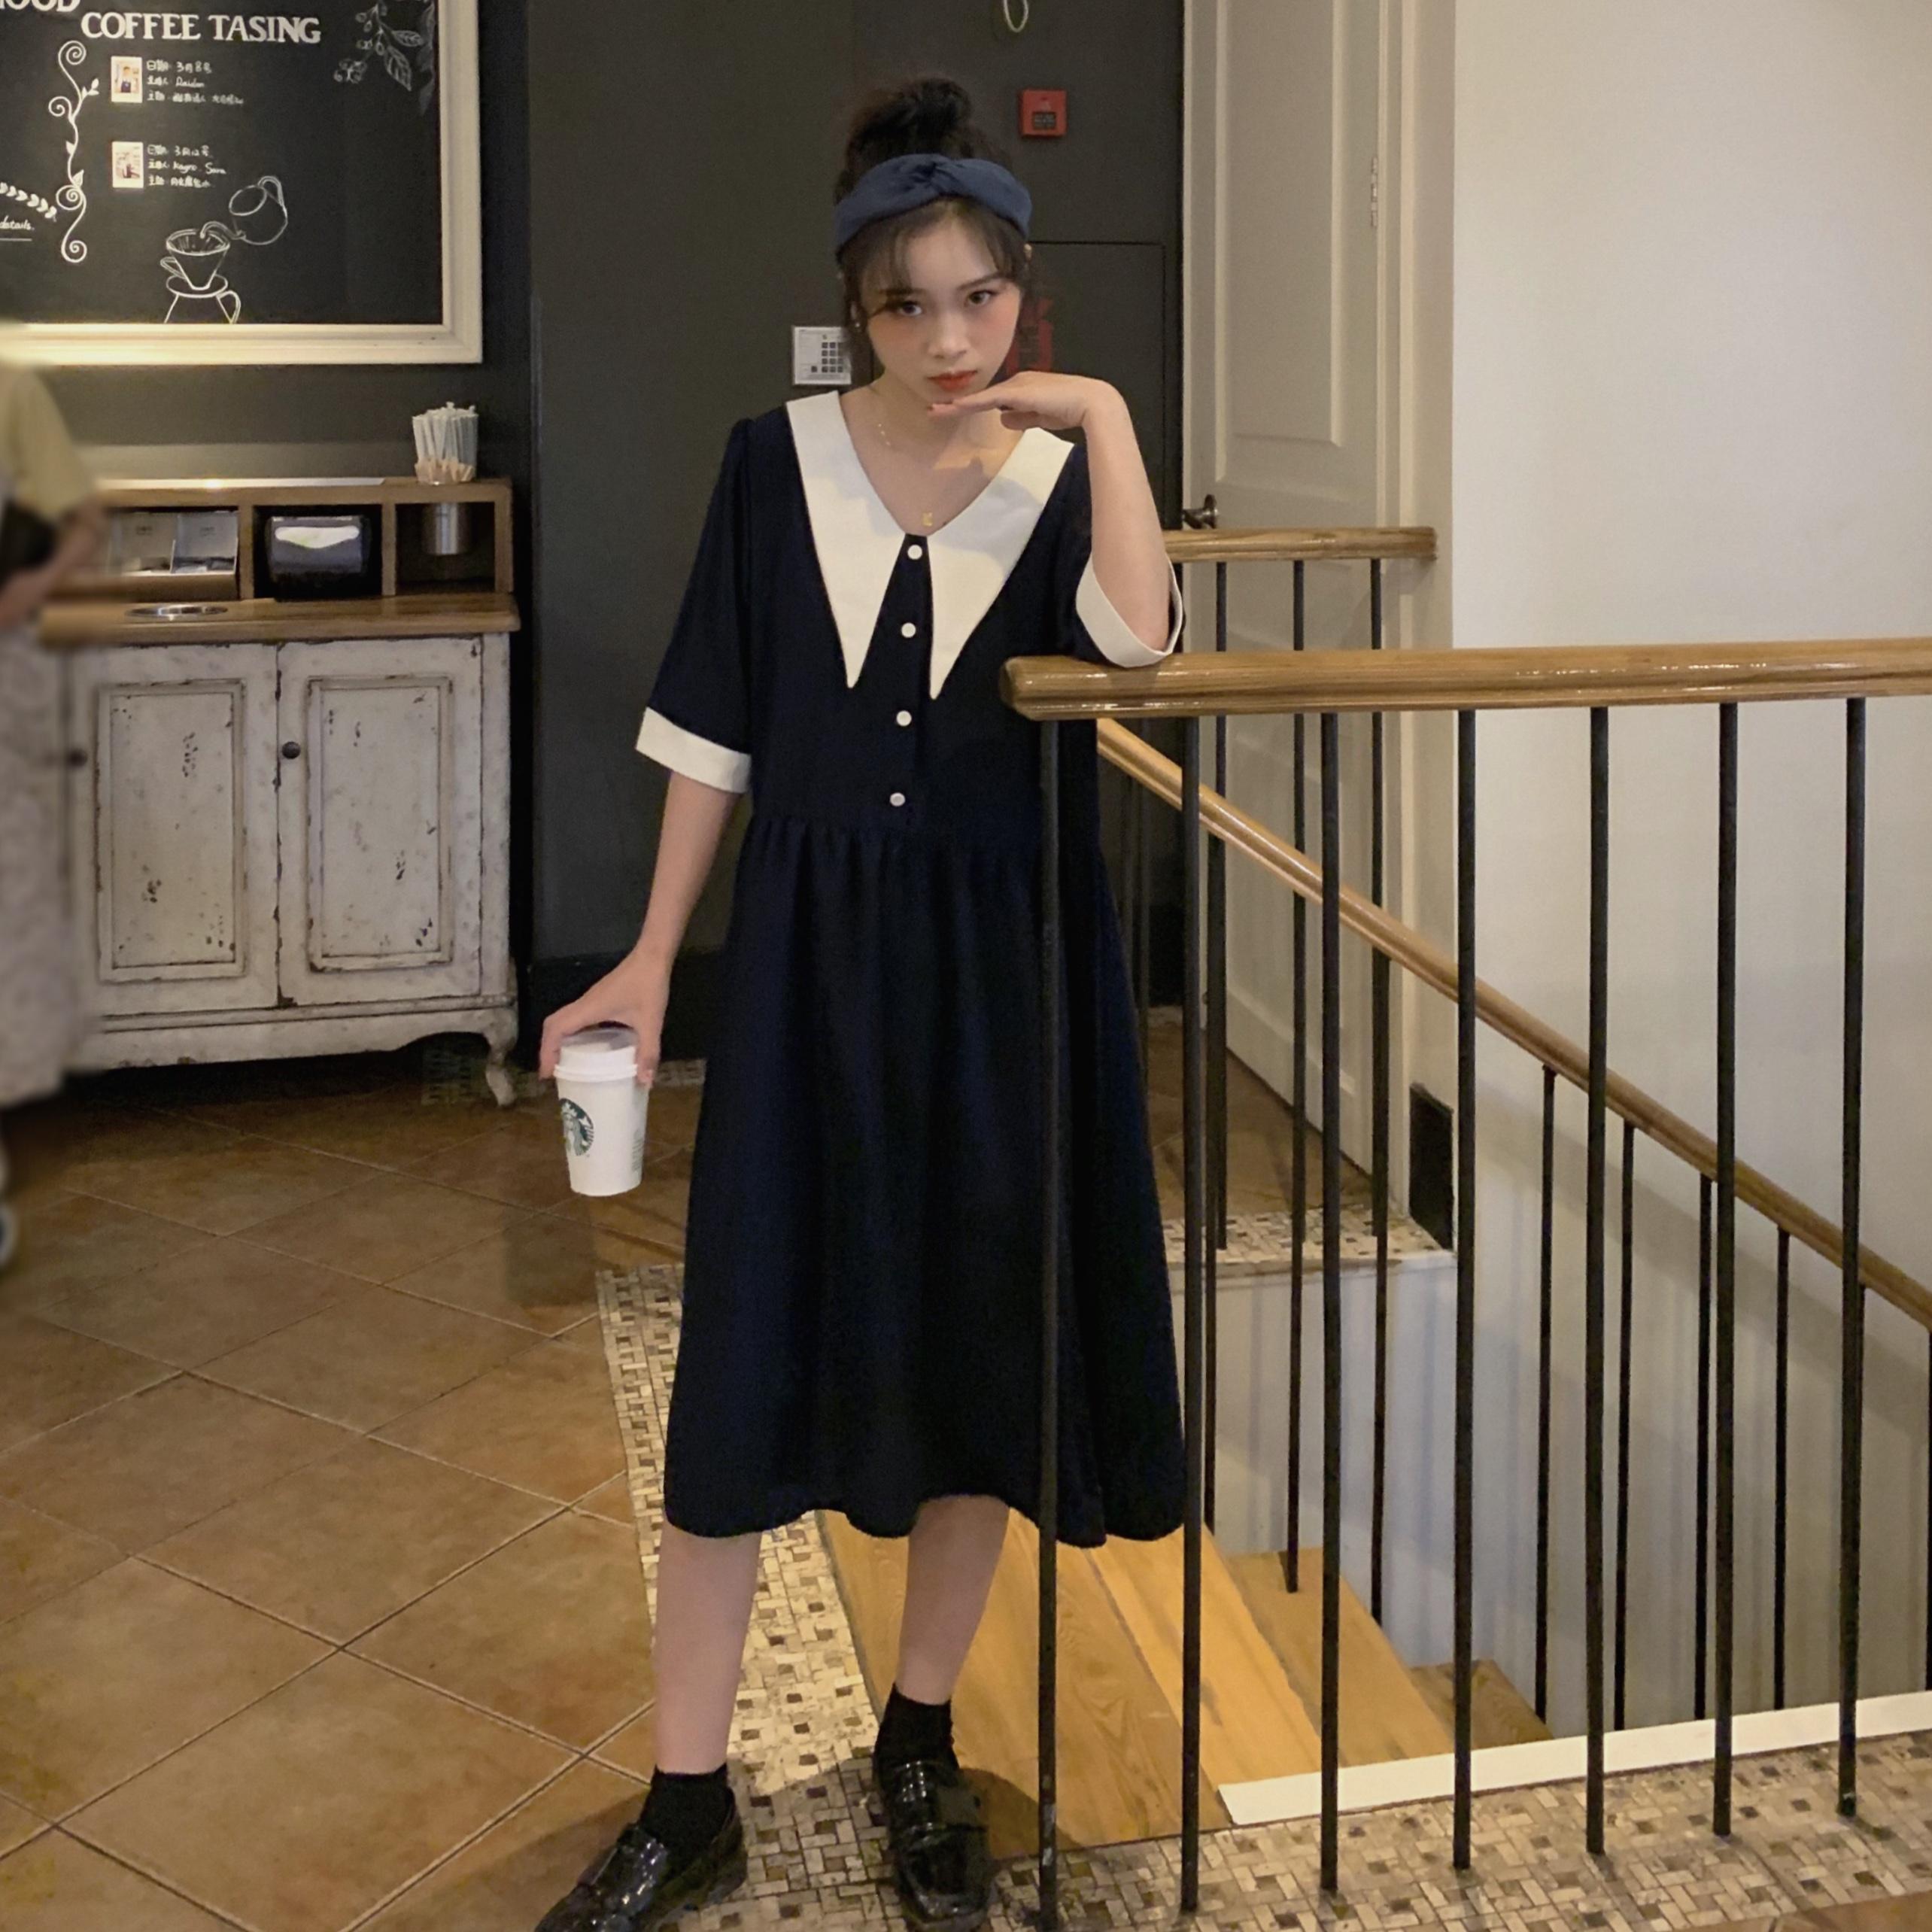 控價請加5 實拍實價韓版寬松娃娃領連衣裙學院風